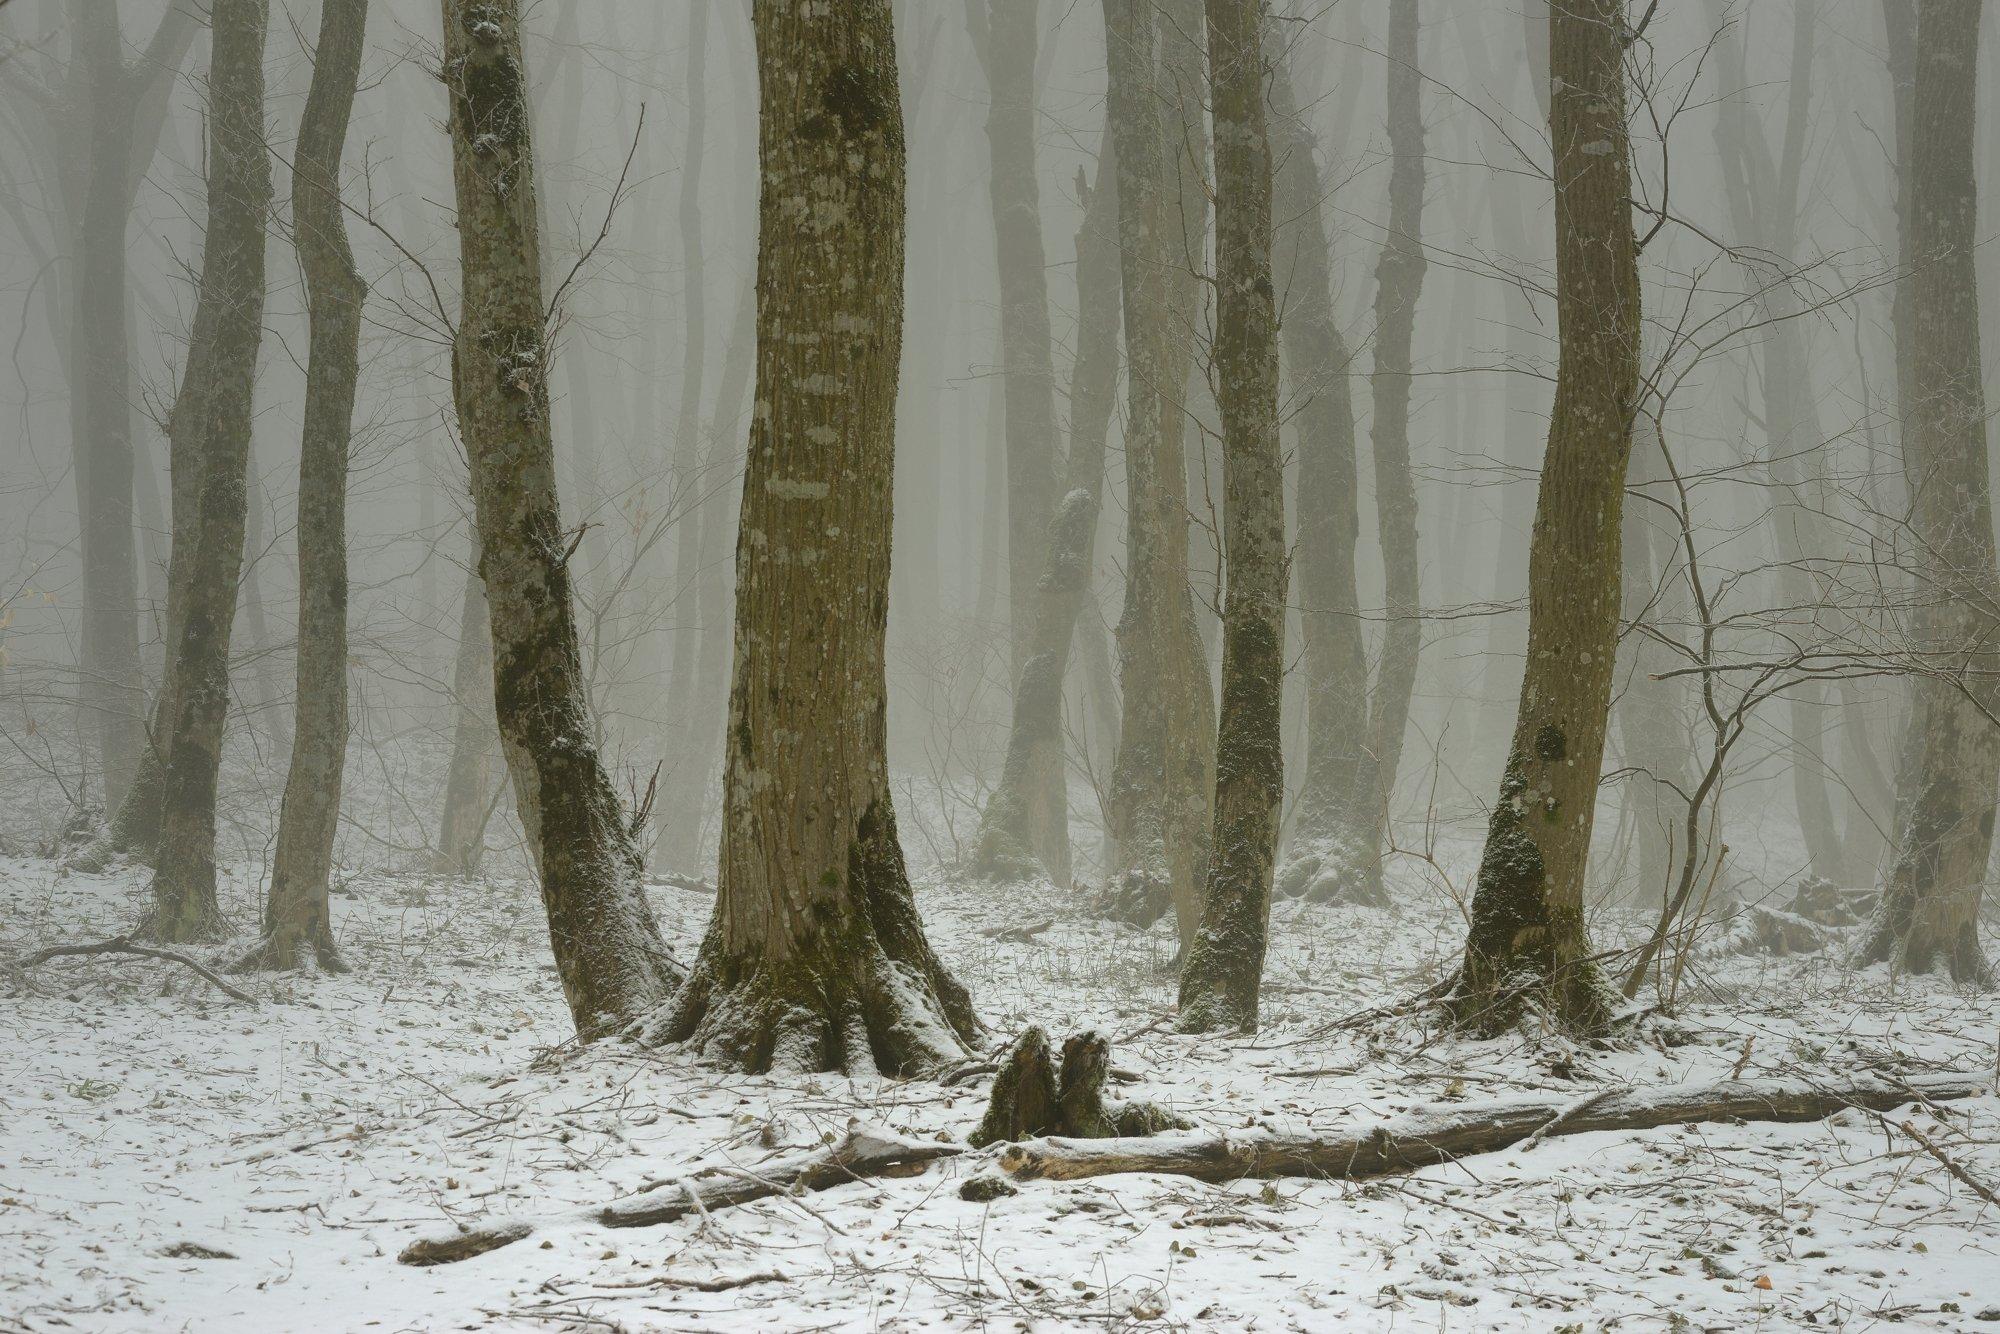 лес туман зима, Александр Жарников